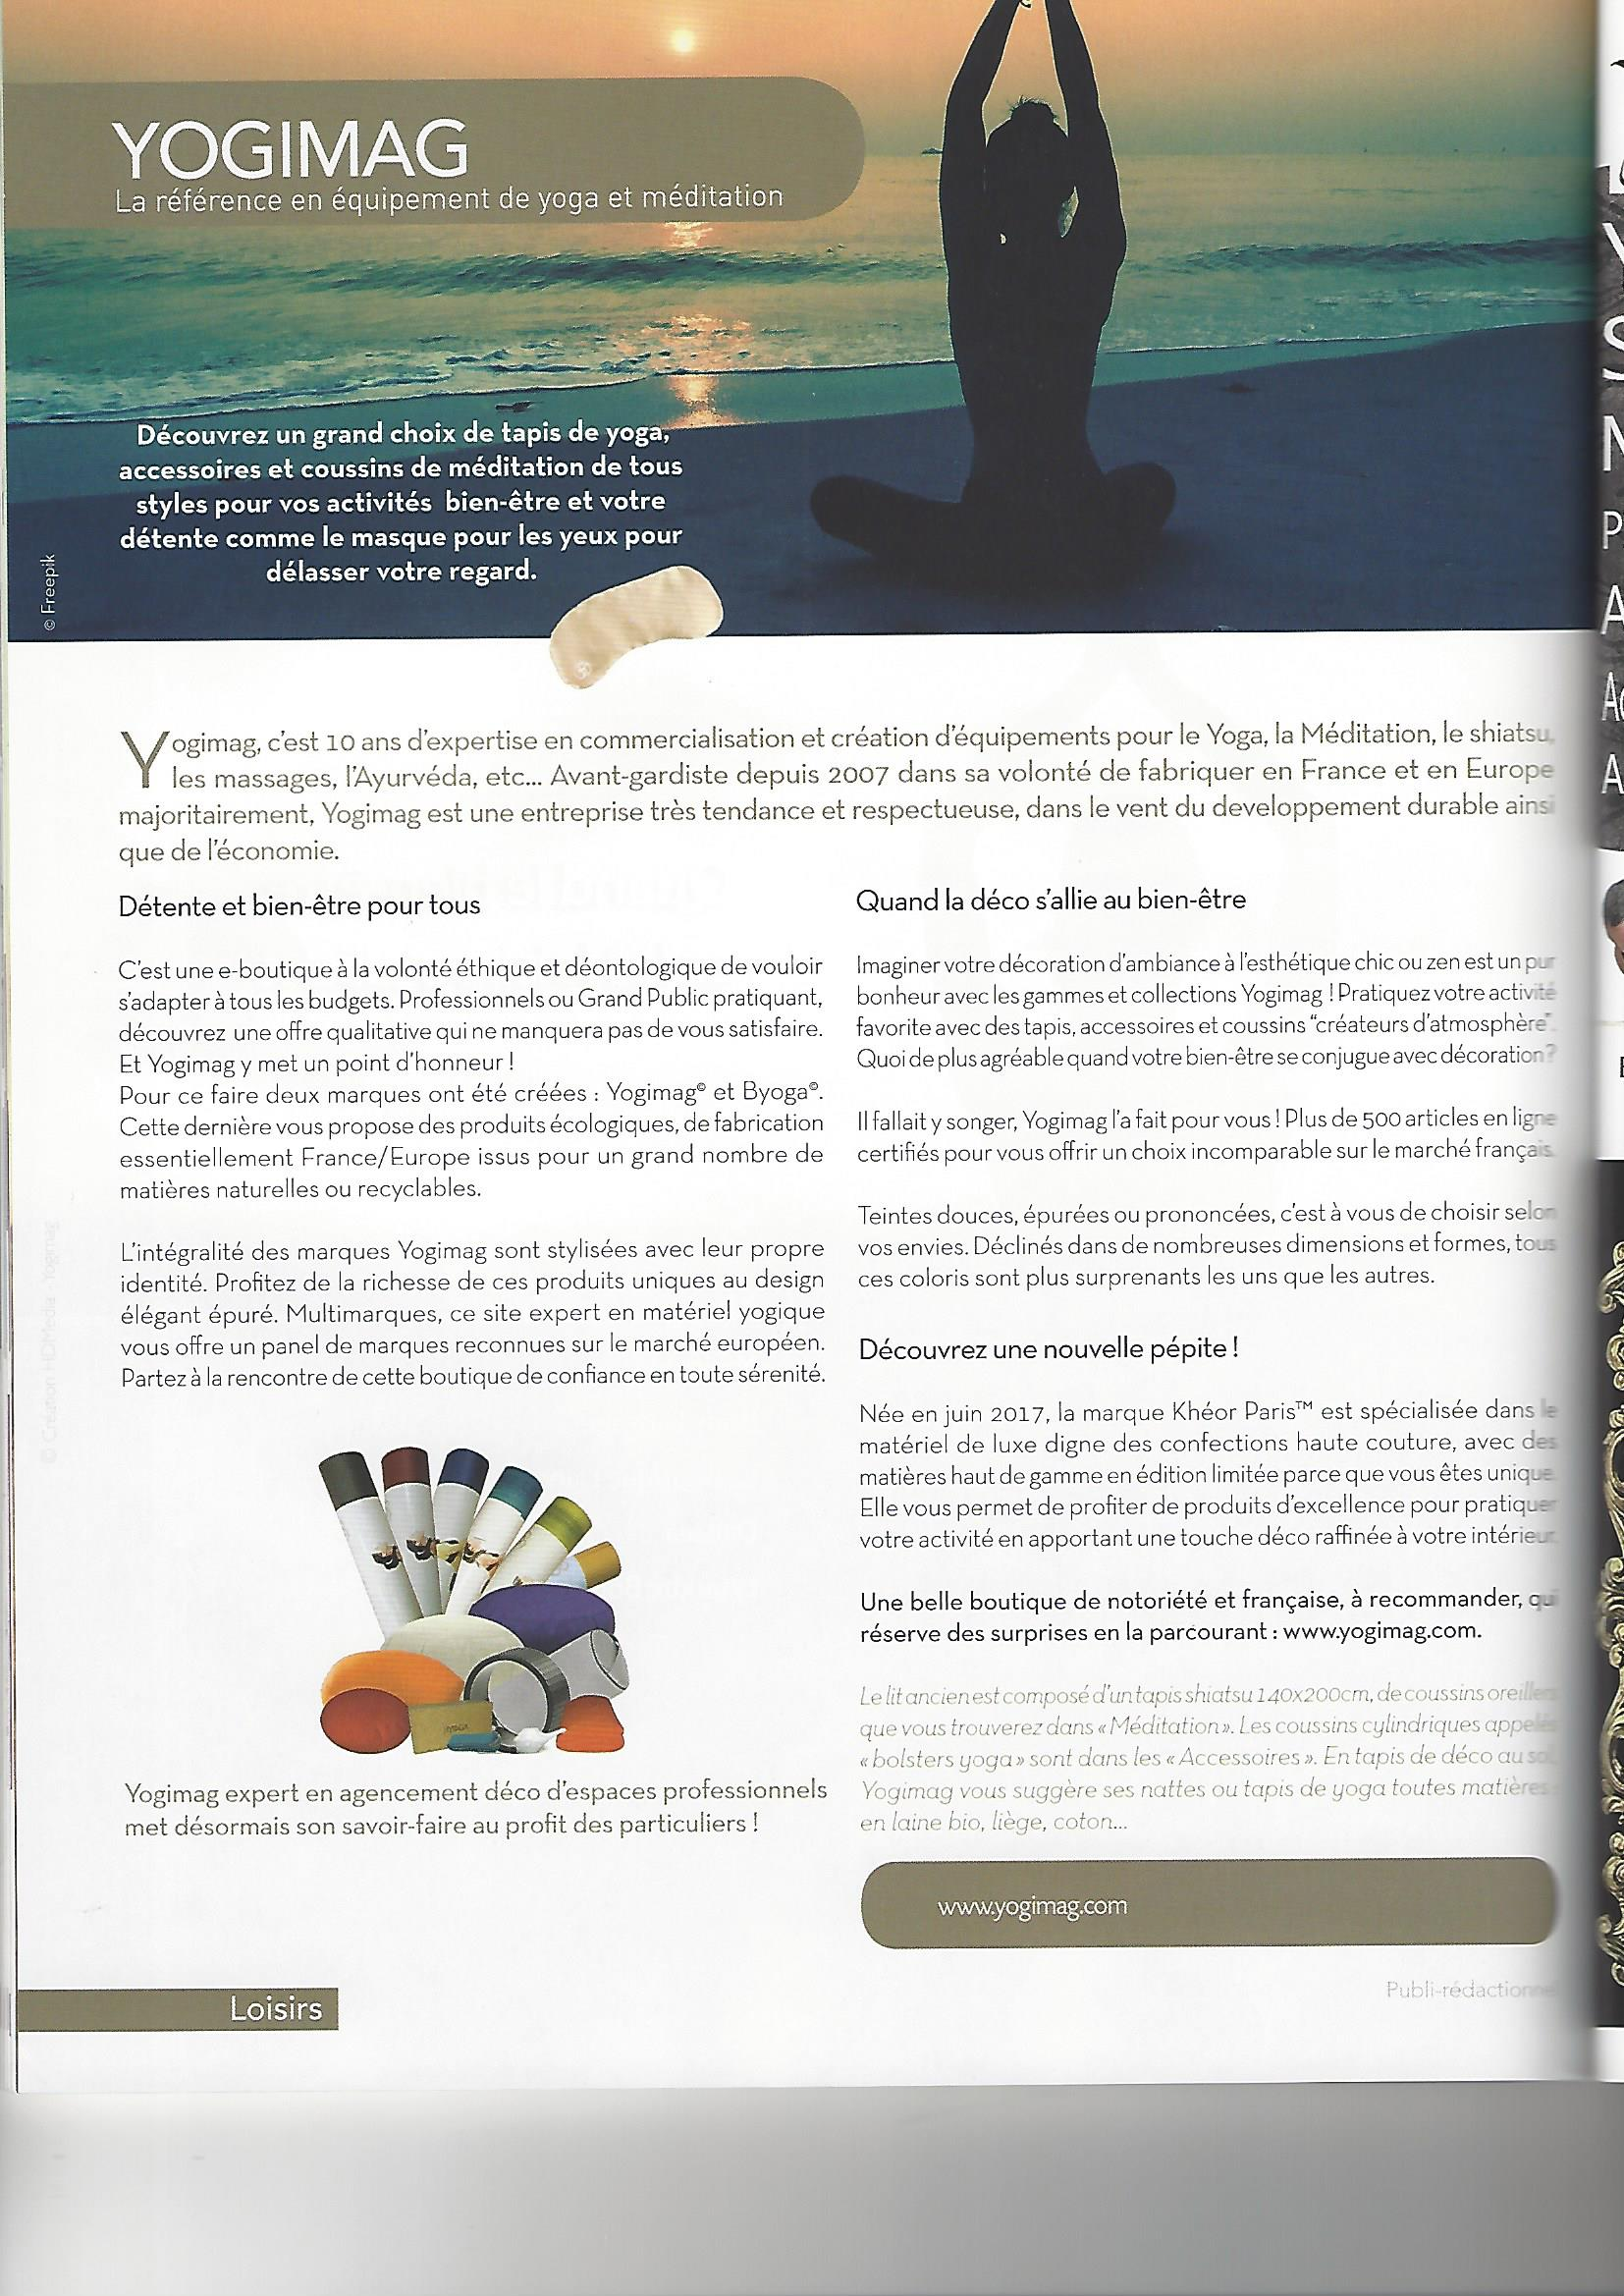 Yogimag dans la revue Maison Actuelle